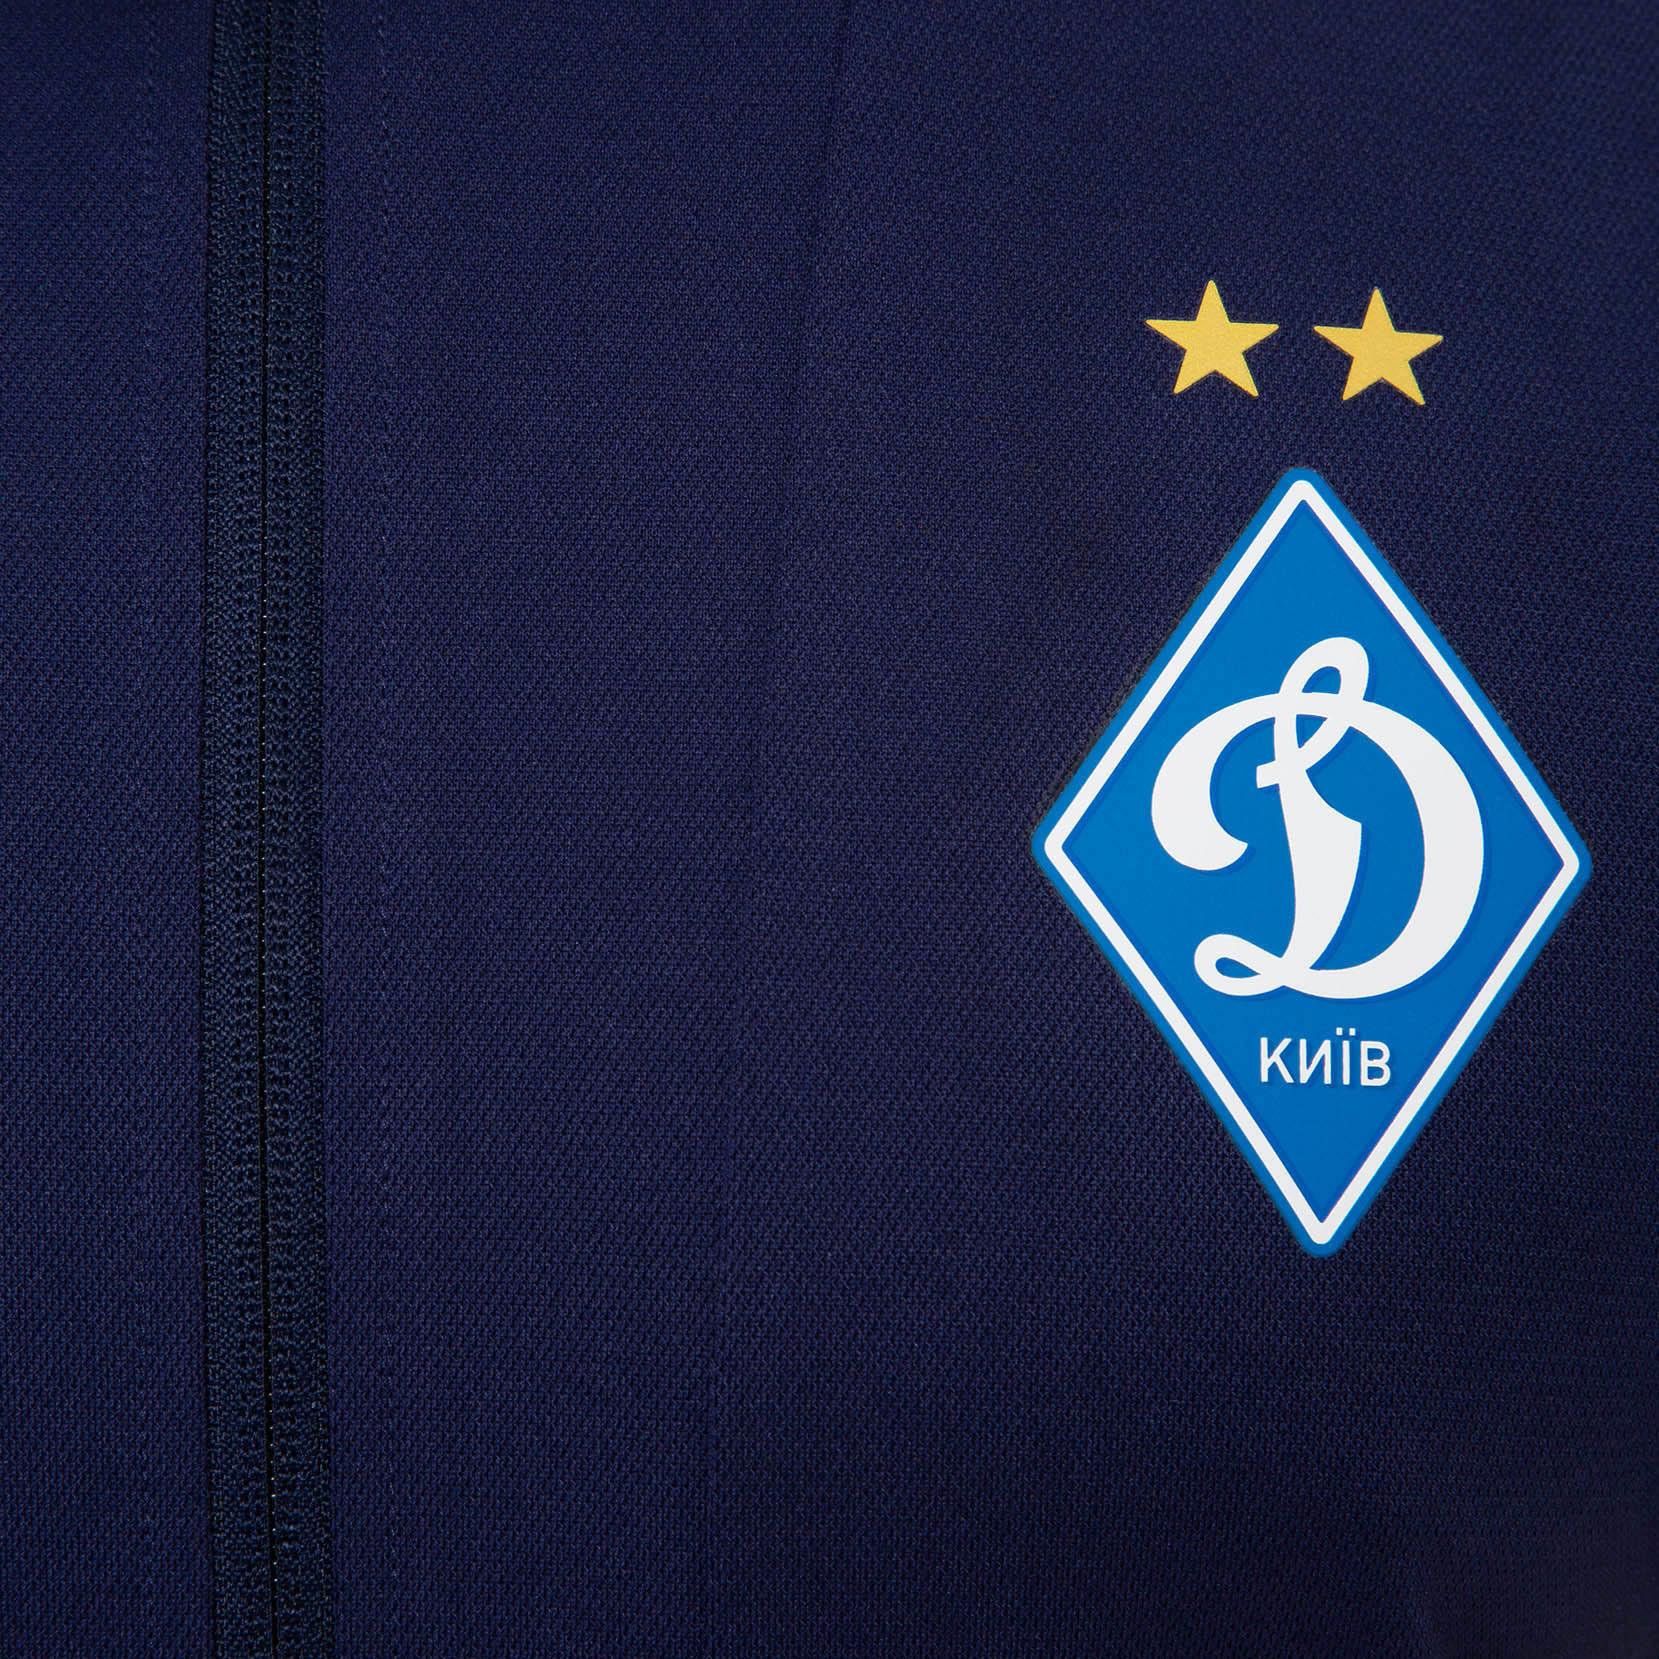 Куртка спортивна тренувальна ФК «Динамо» Київ для чоловіків MJ931521NV | New Balance